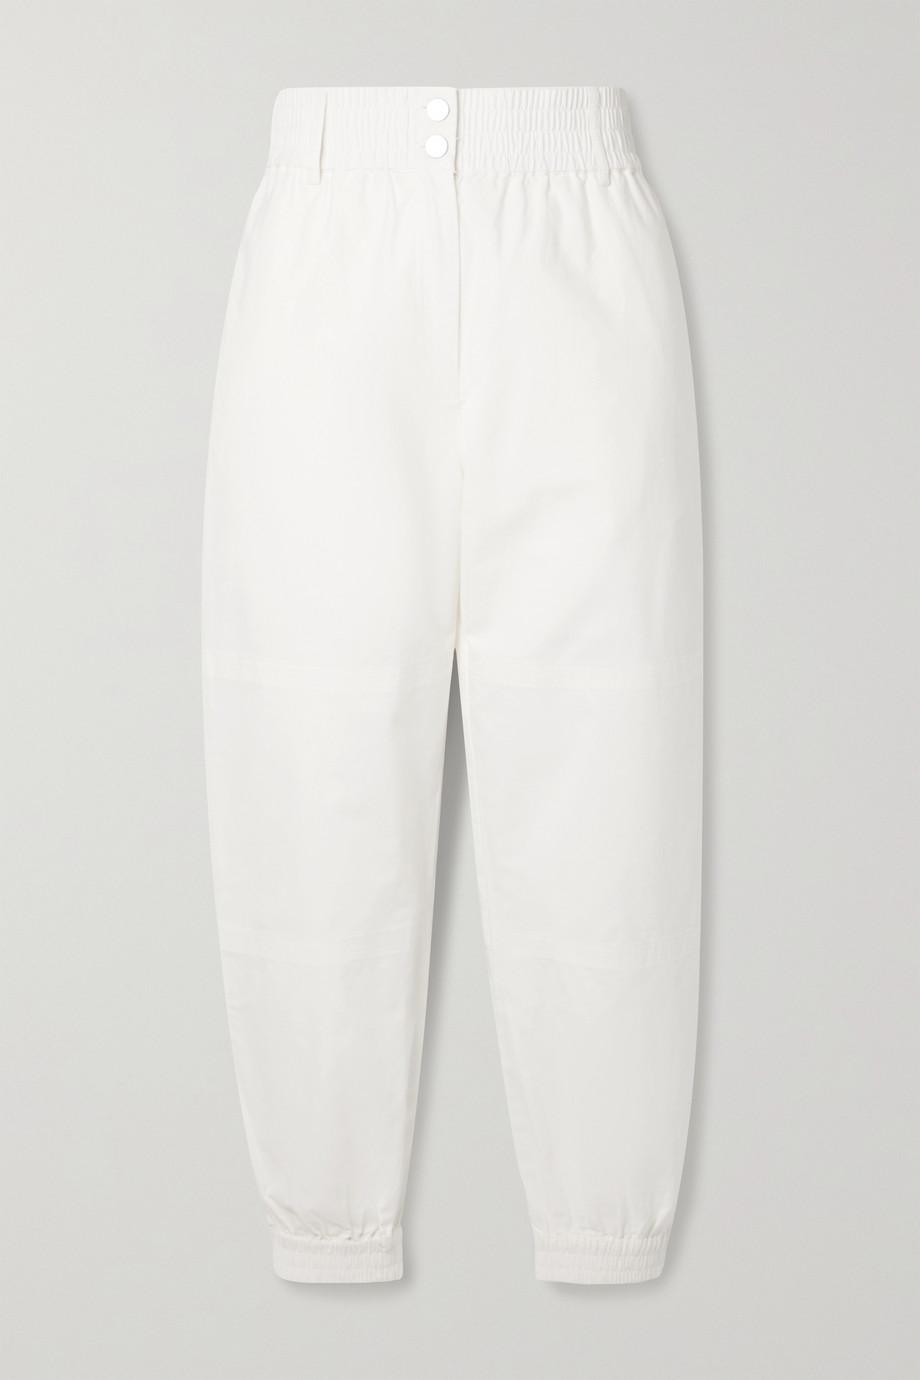 The Range Pantalon fuselé en serge de coton Arid